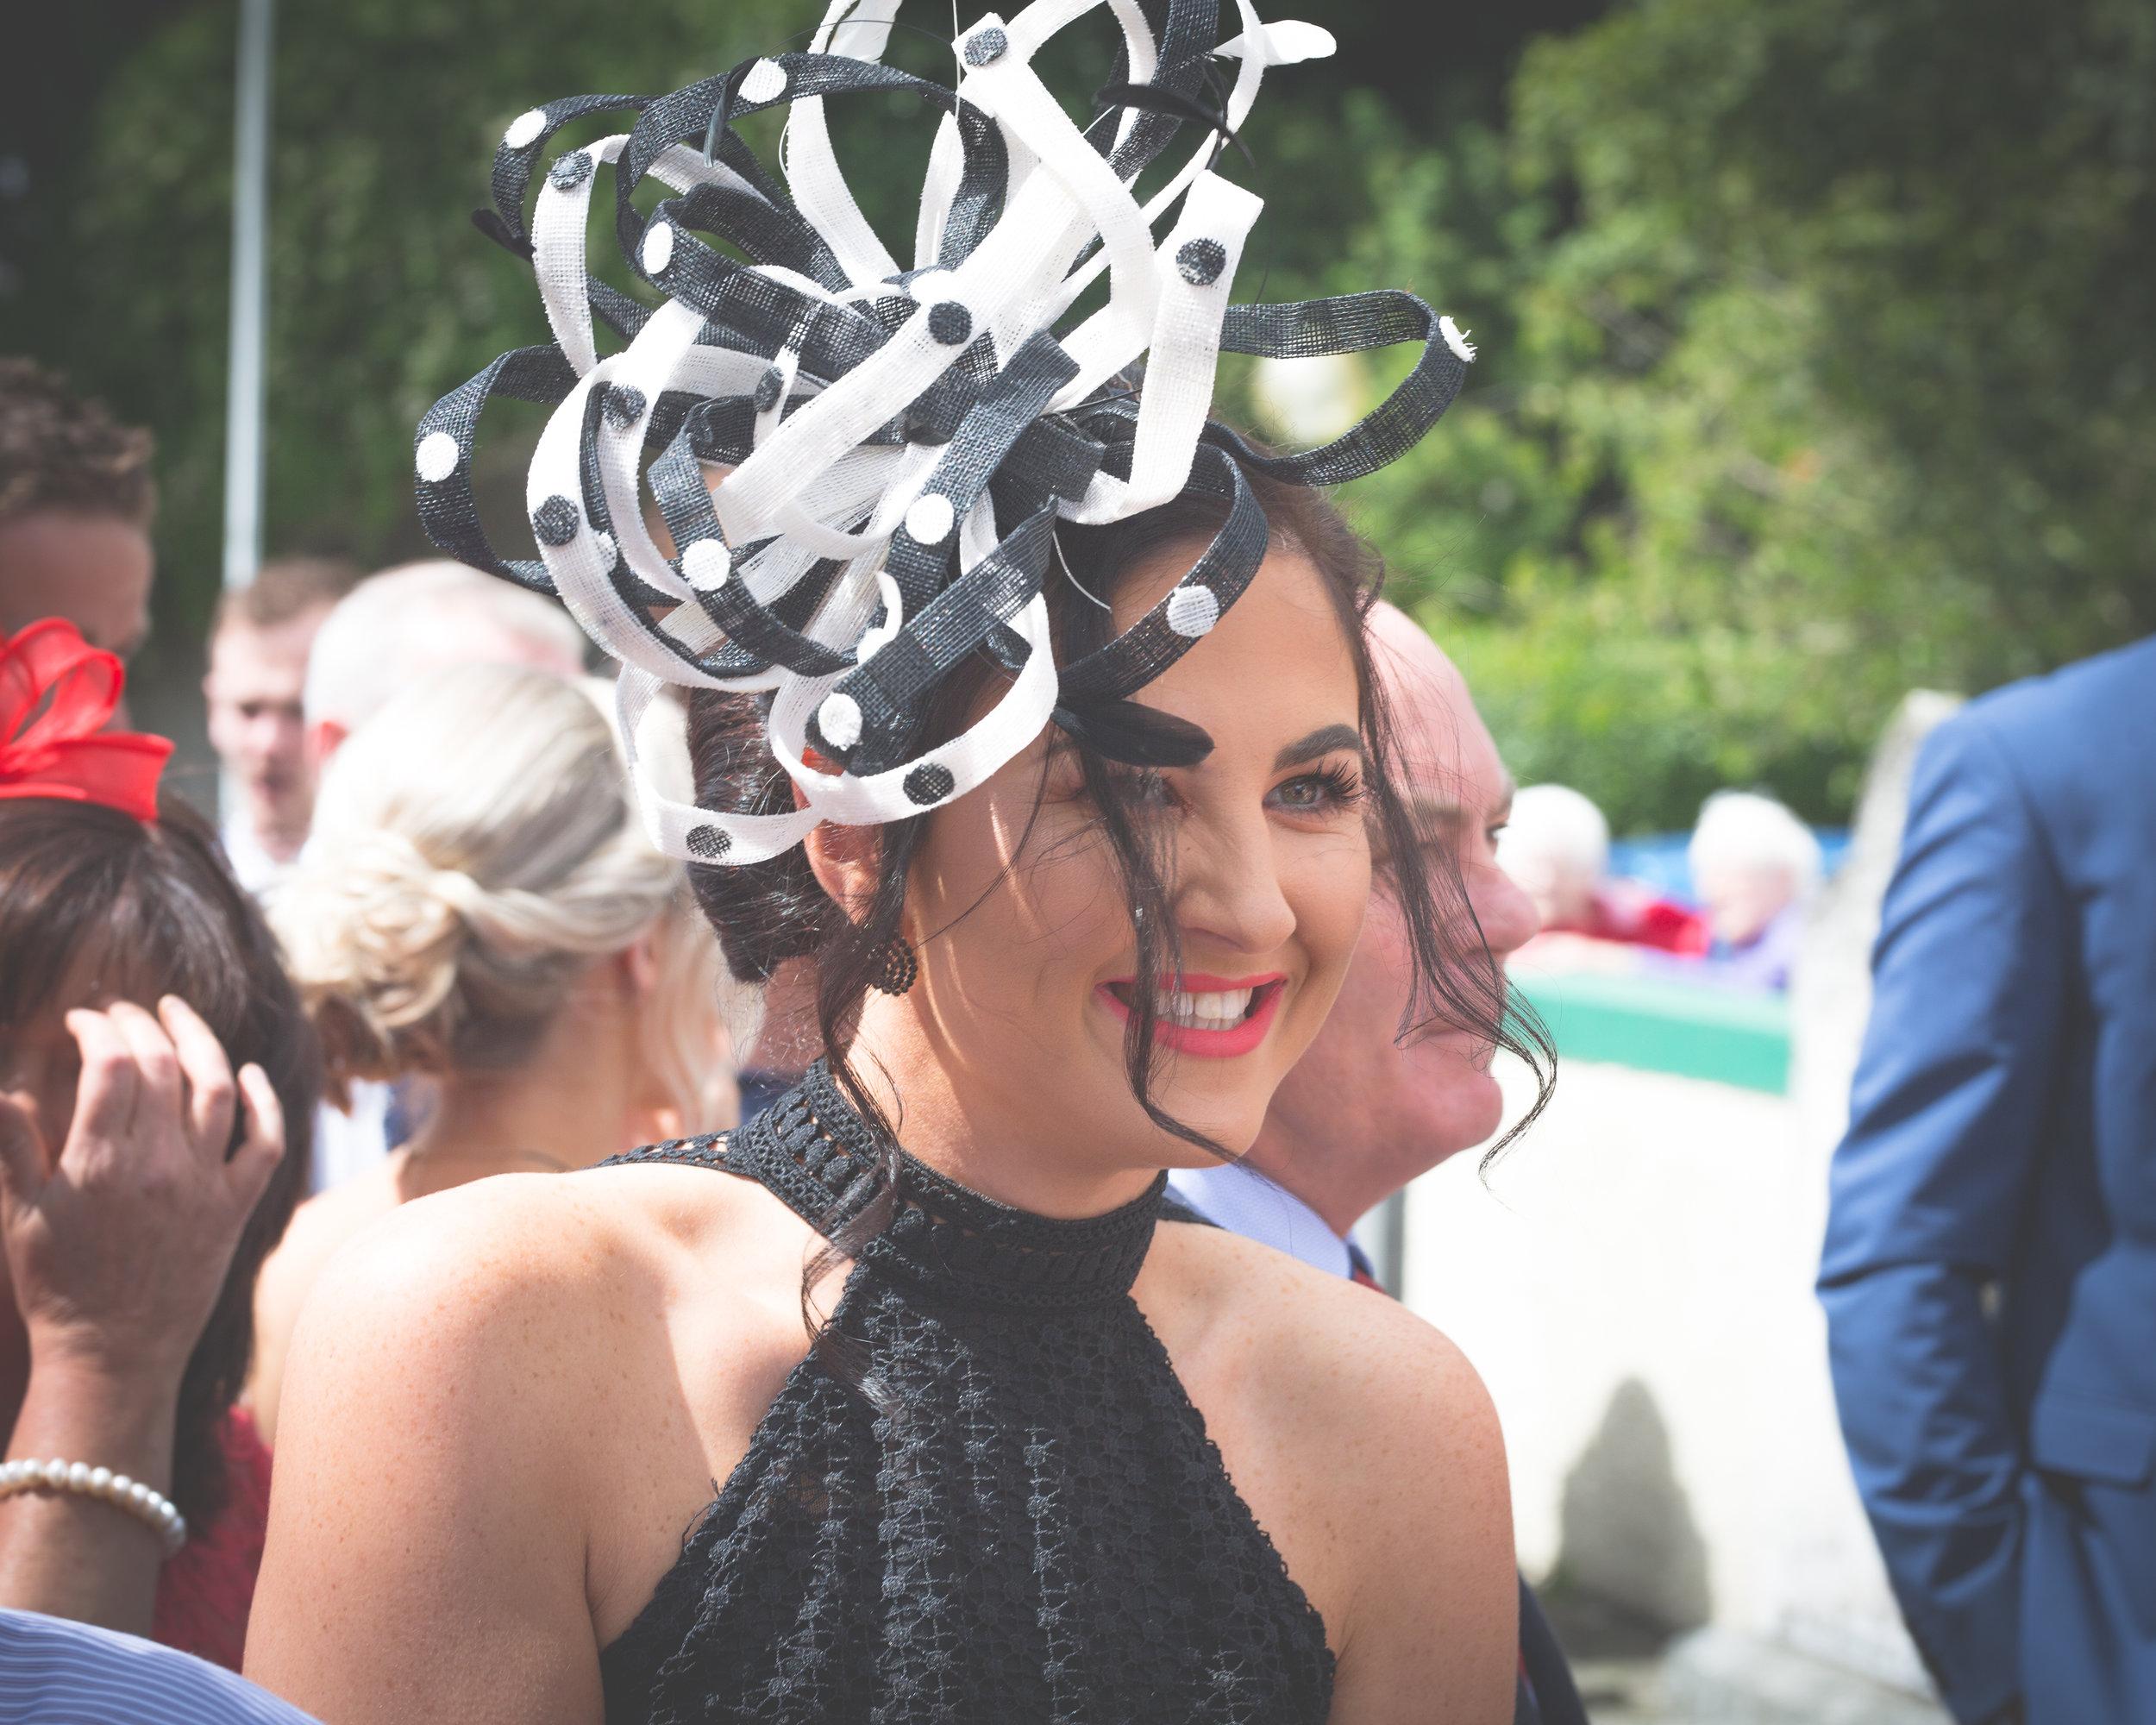 Brian McEwan Wedding Photography   Carol-Anne & Sean   The Ceremony-115.jpg